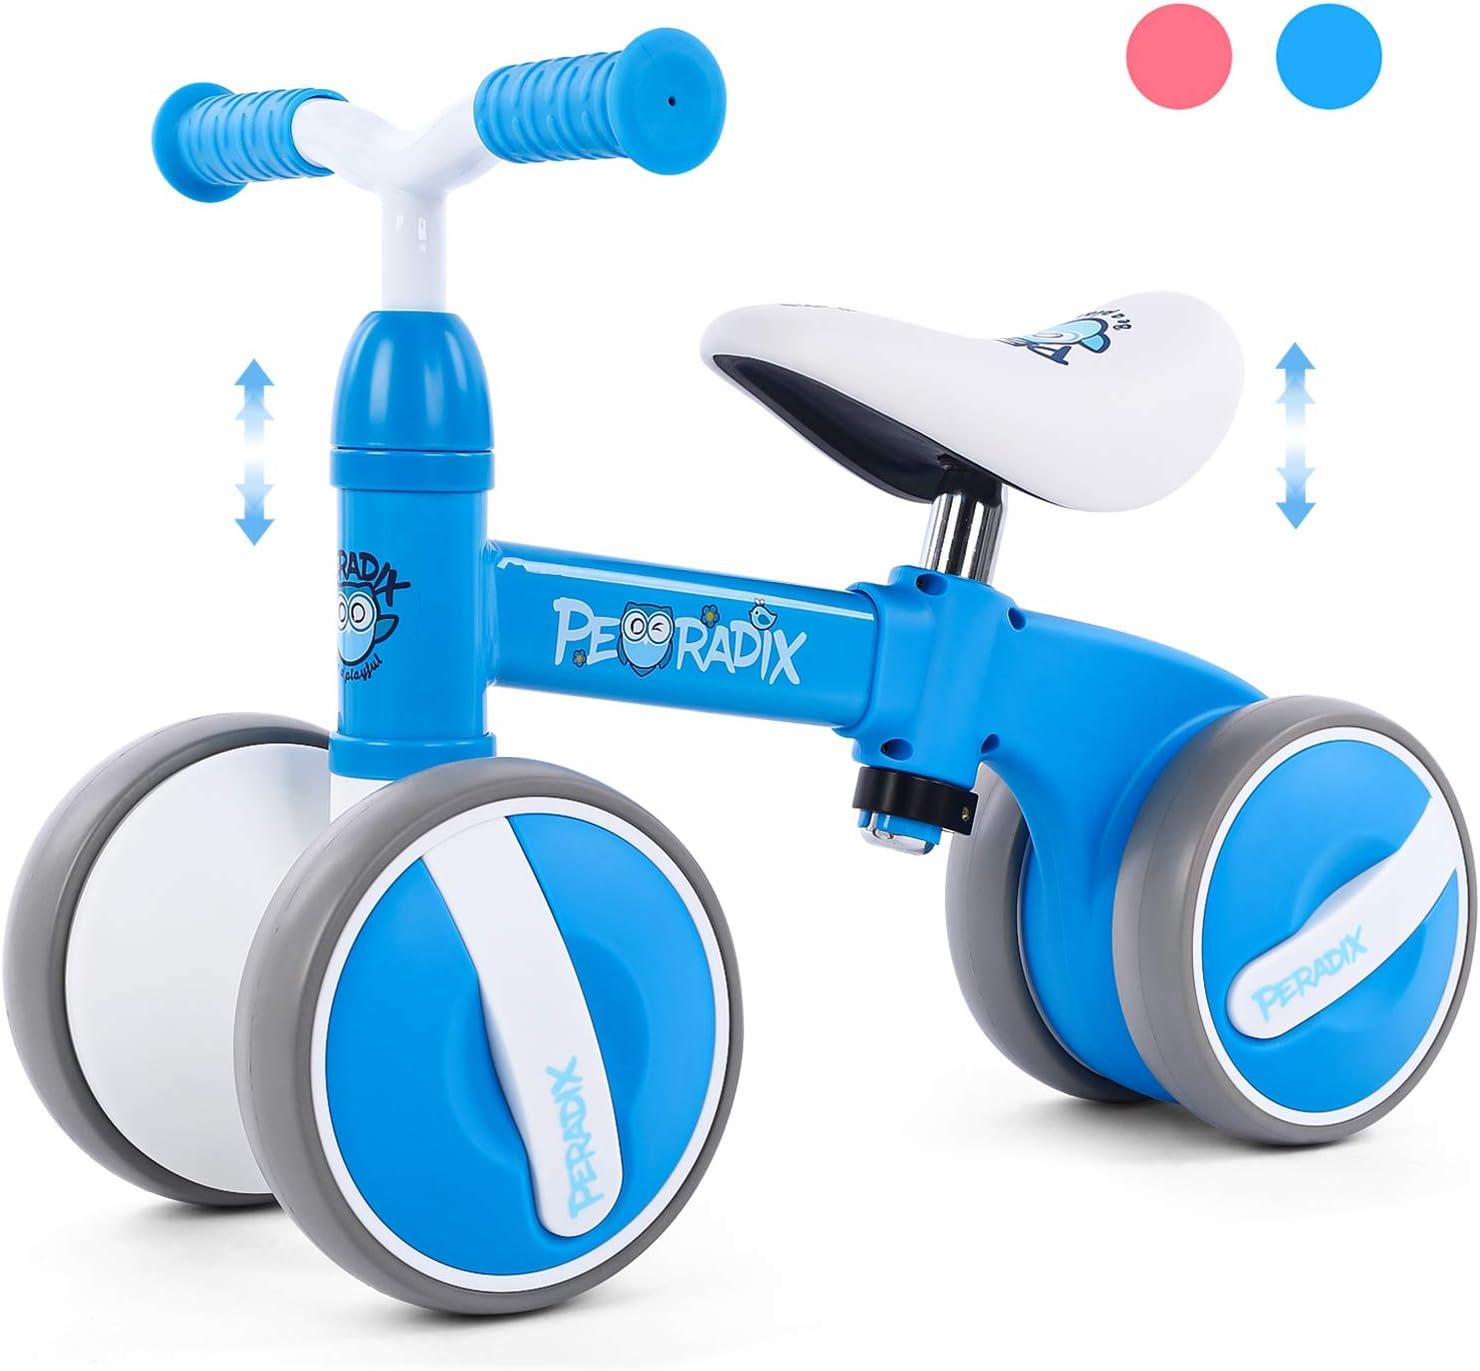 Peradix Bicicleta Sin Pedales para Niños y Niñas,Bici Sin Pedales de Manillar y Sillín Ajustables para Niño 1-3 Año Juguetes Equilibrio Triciclos Bebes,Correpasillos Bebe 1 año